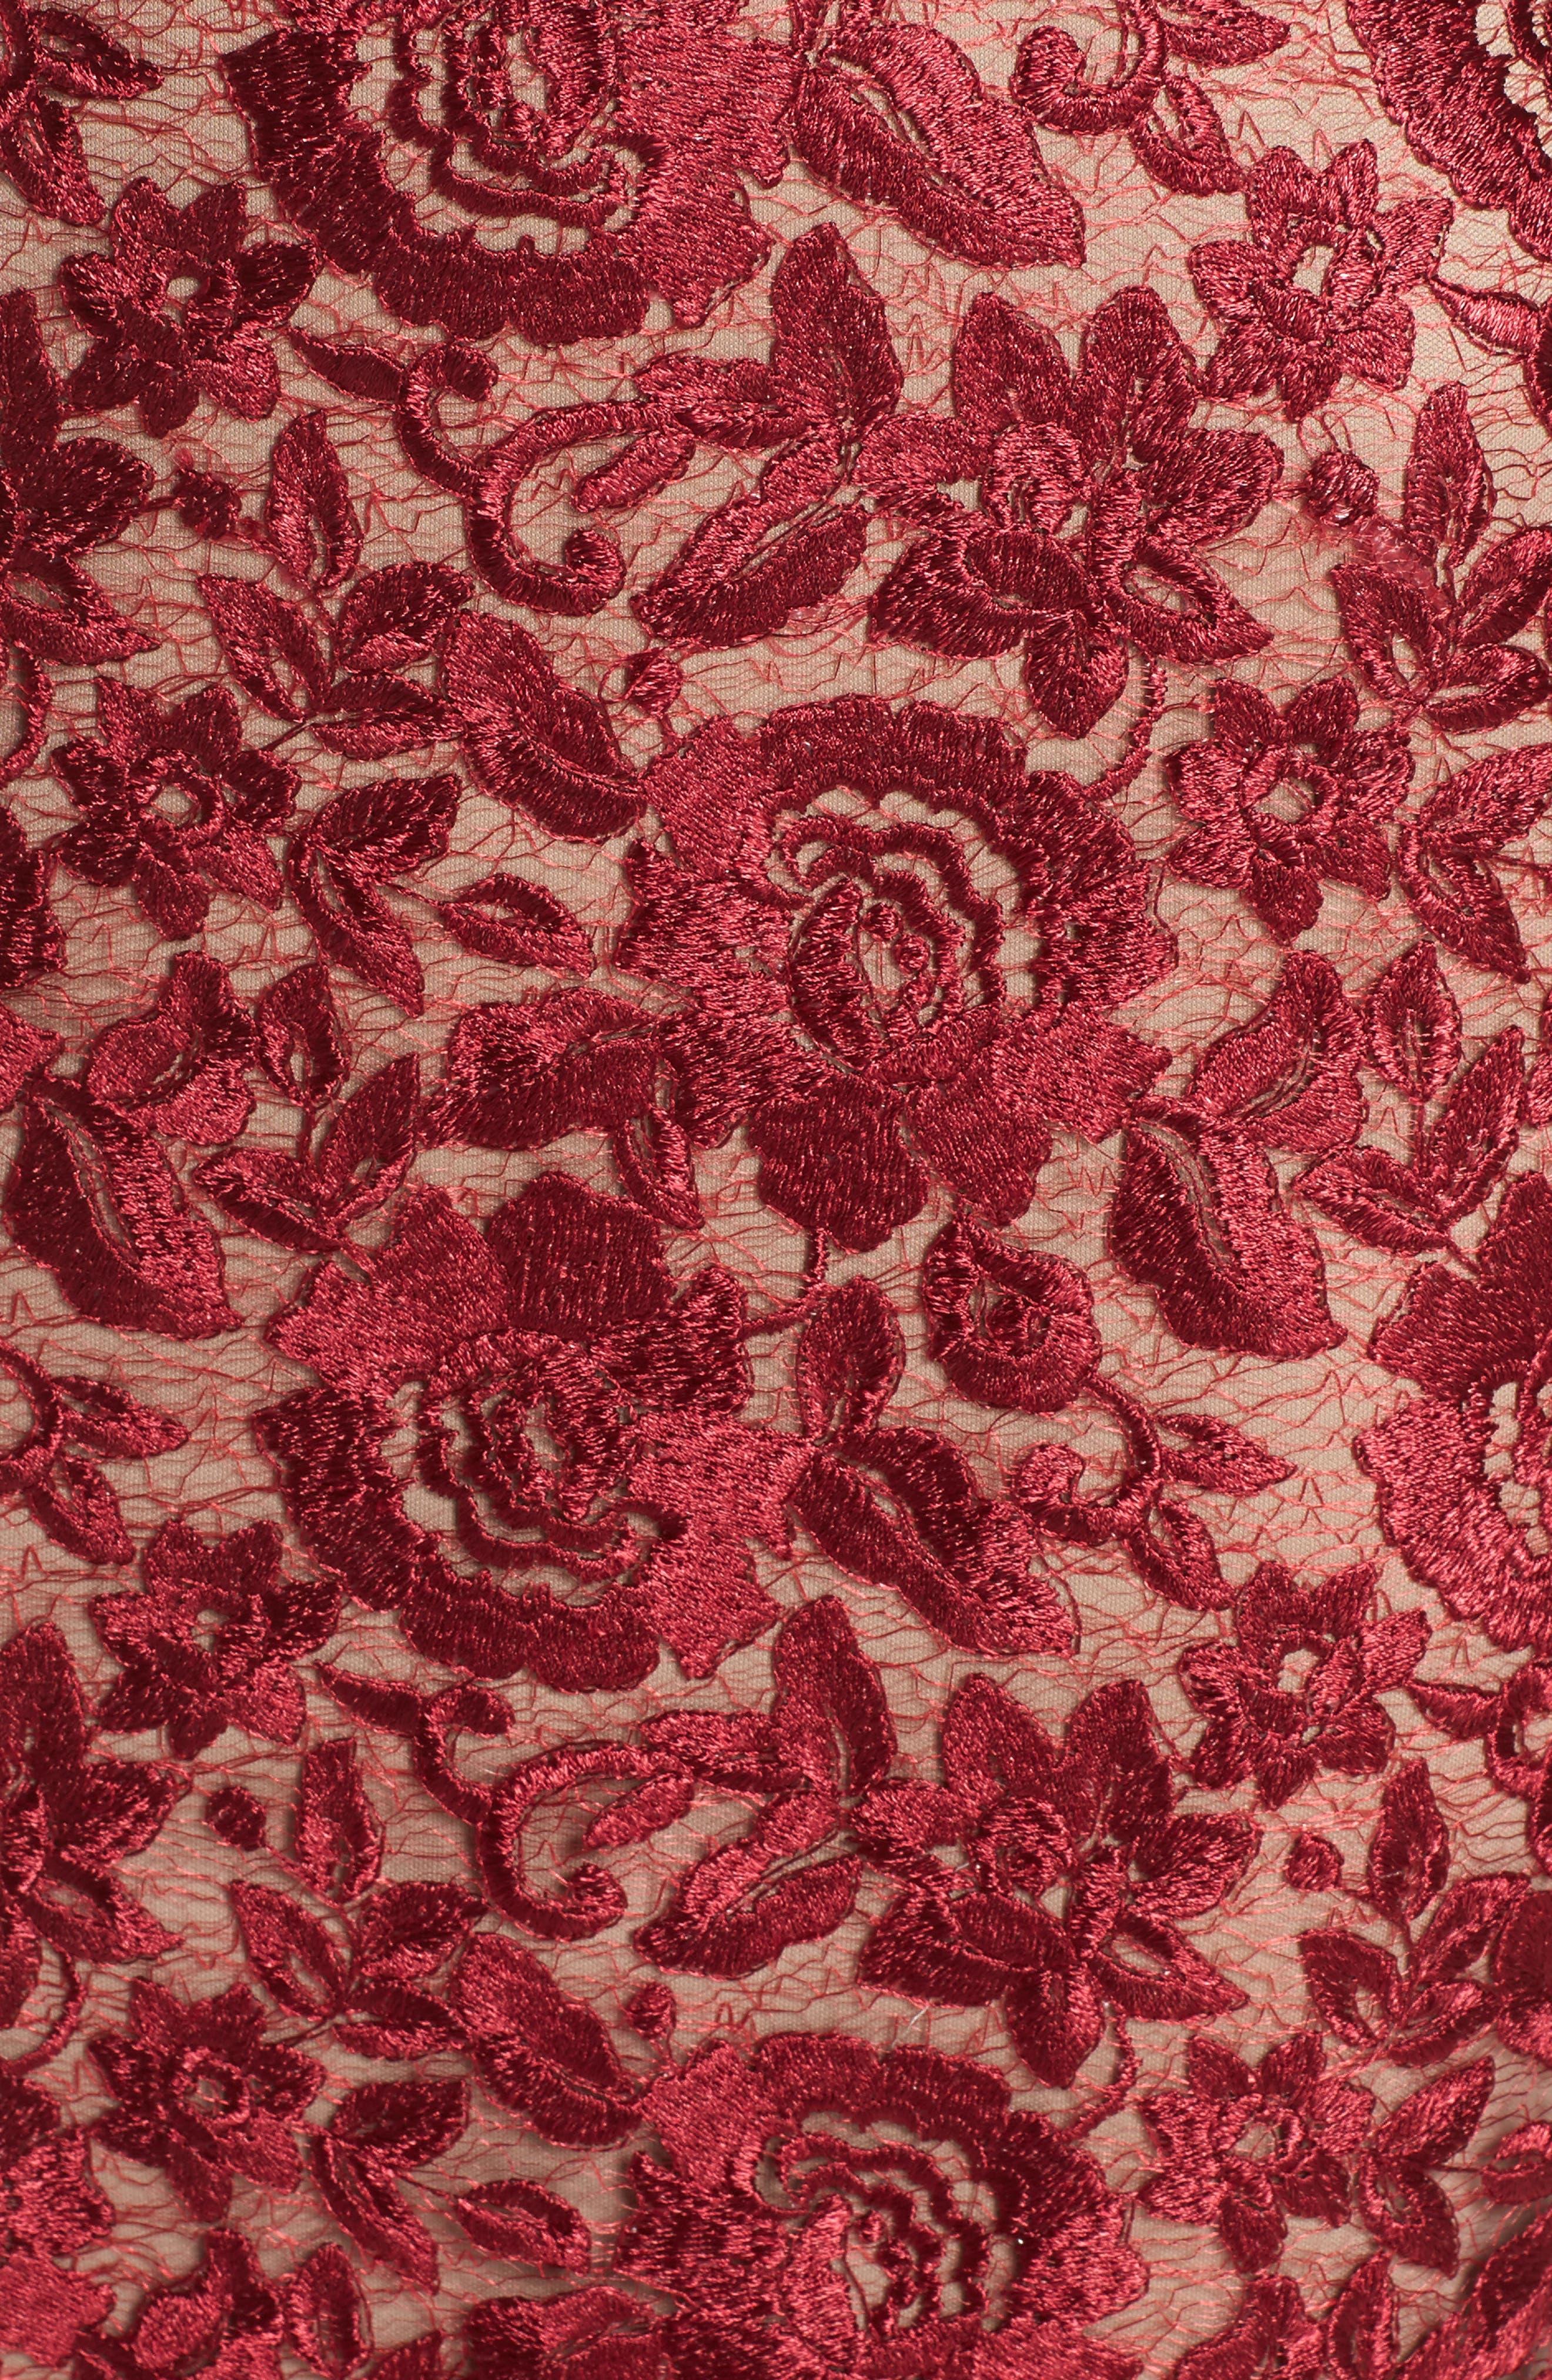 Lace Midi Dress,                             Alternate thumbnail 5, color,                             643